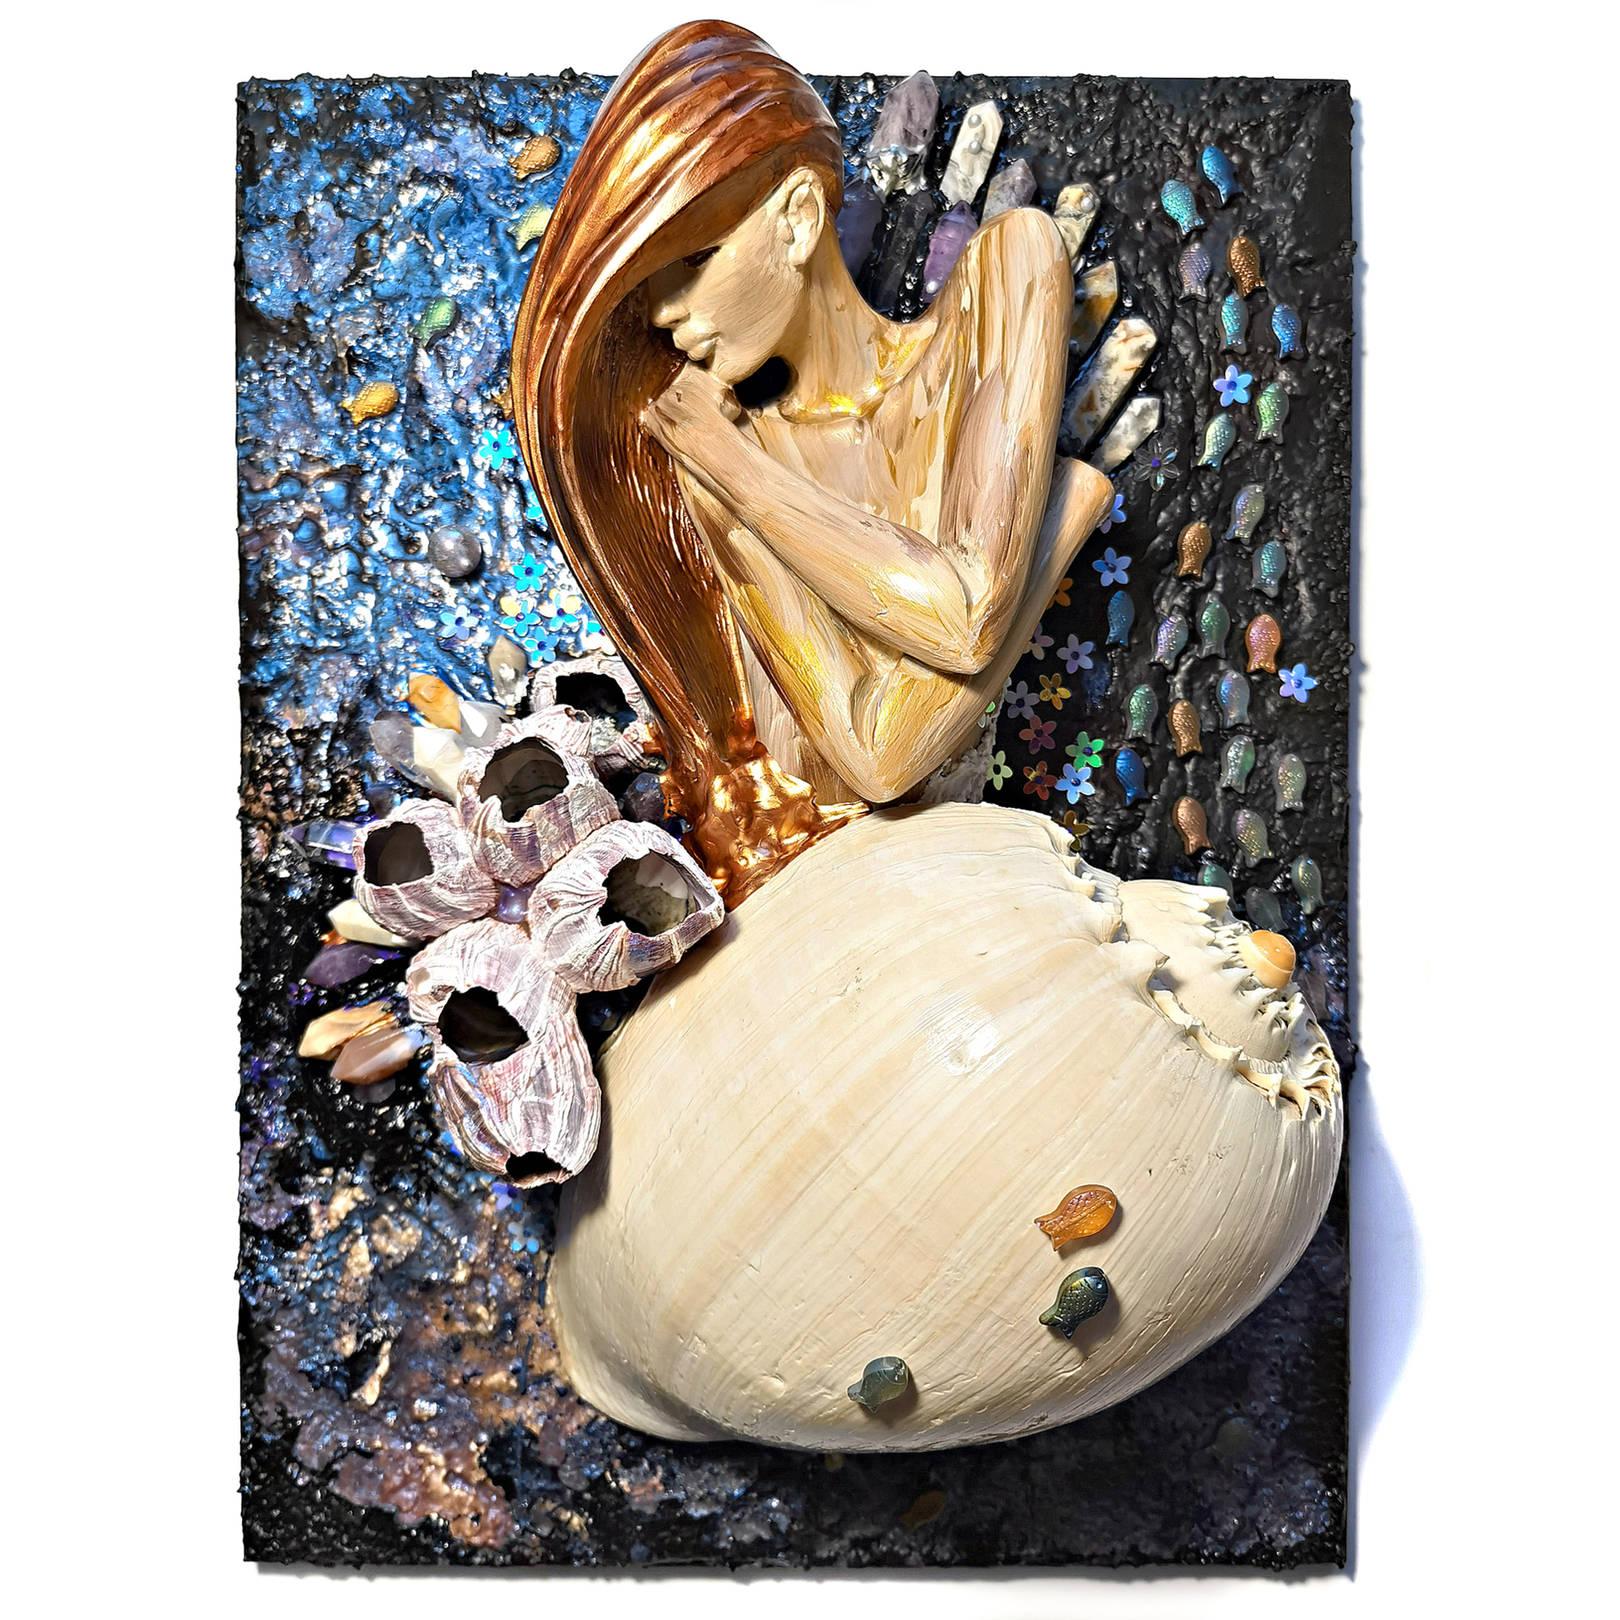 Акрил, деревянная панель, натуральная раковина, гель с эффектом воды, натуральный коралл, кристаллы аметиста, горного хрусталя, агата и сердолика, декоративные элементы, гипс, текстура